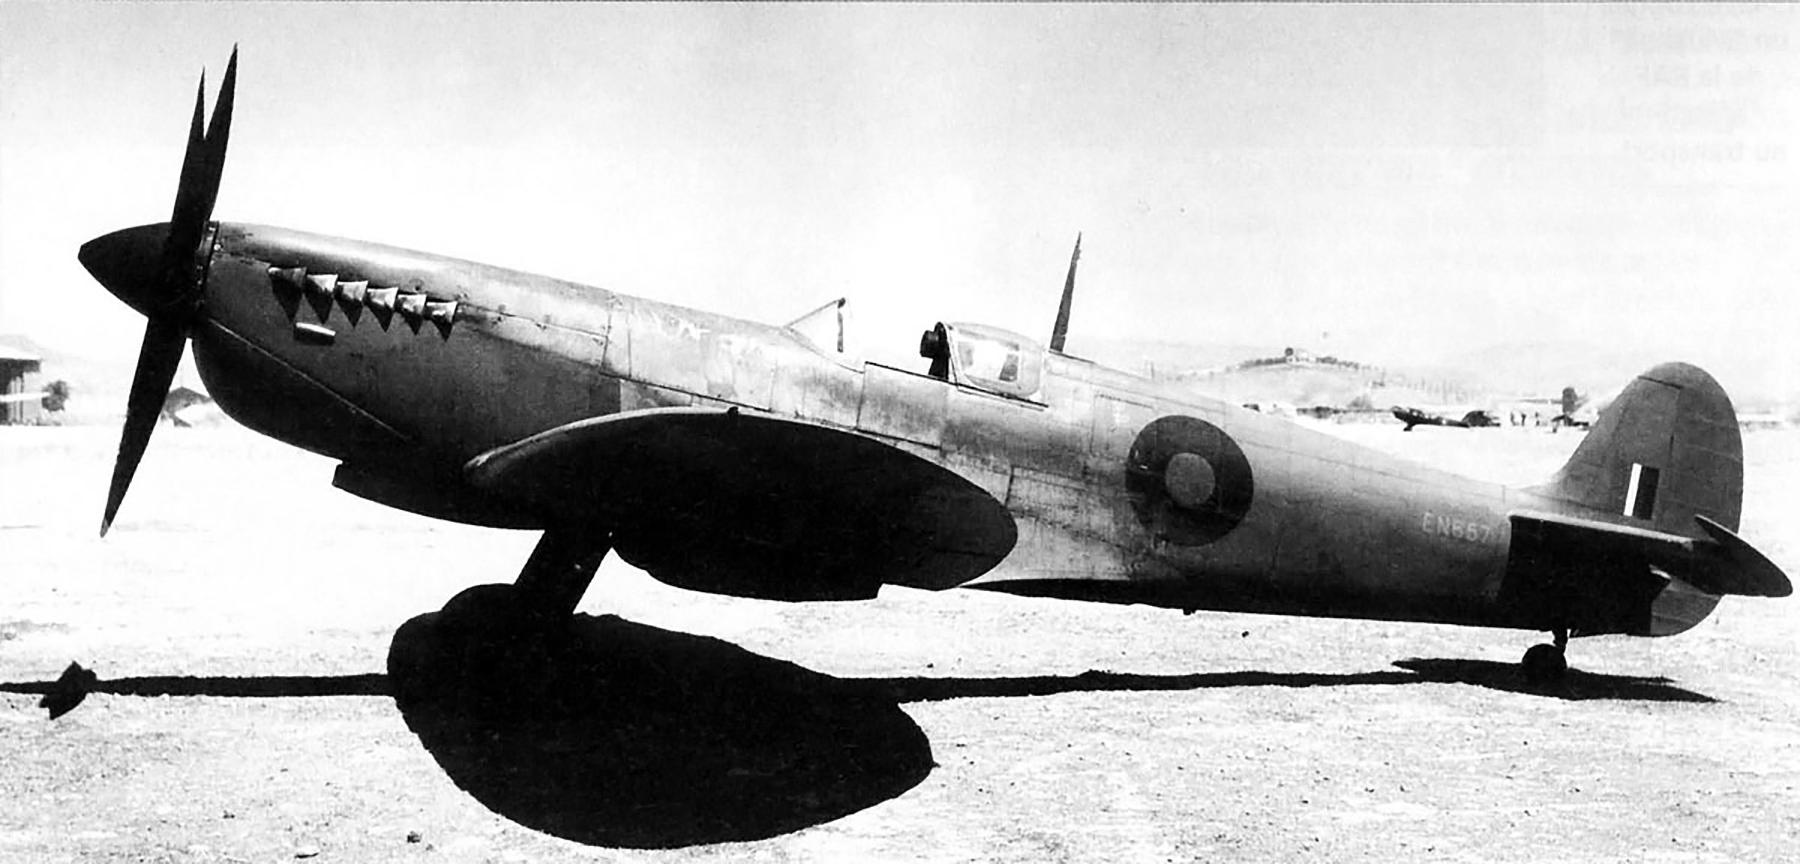 Recon Spitfire PRXIT RAF recon EN657 Sicily 1943 01